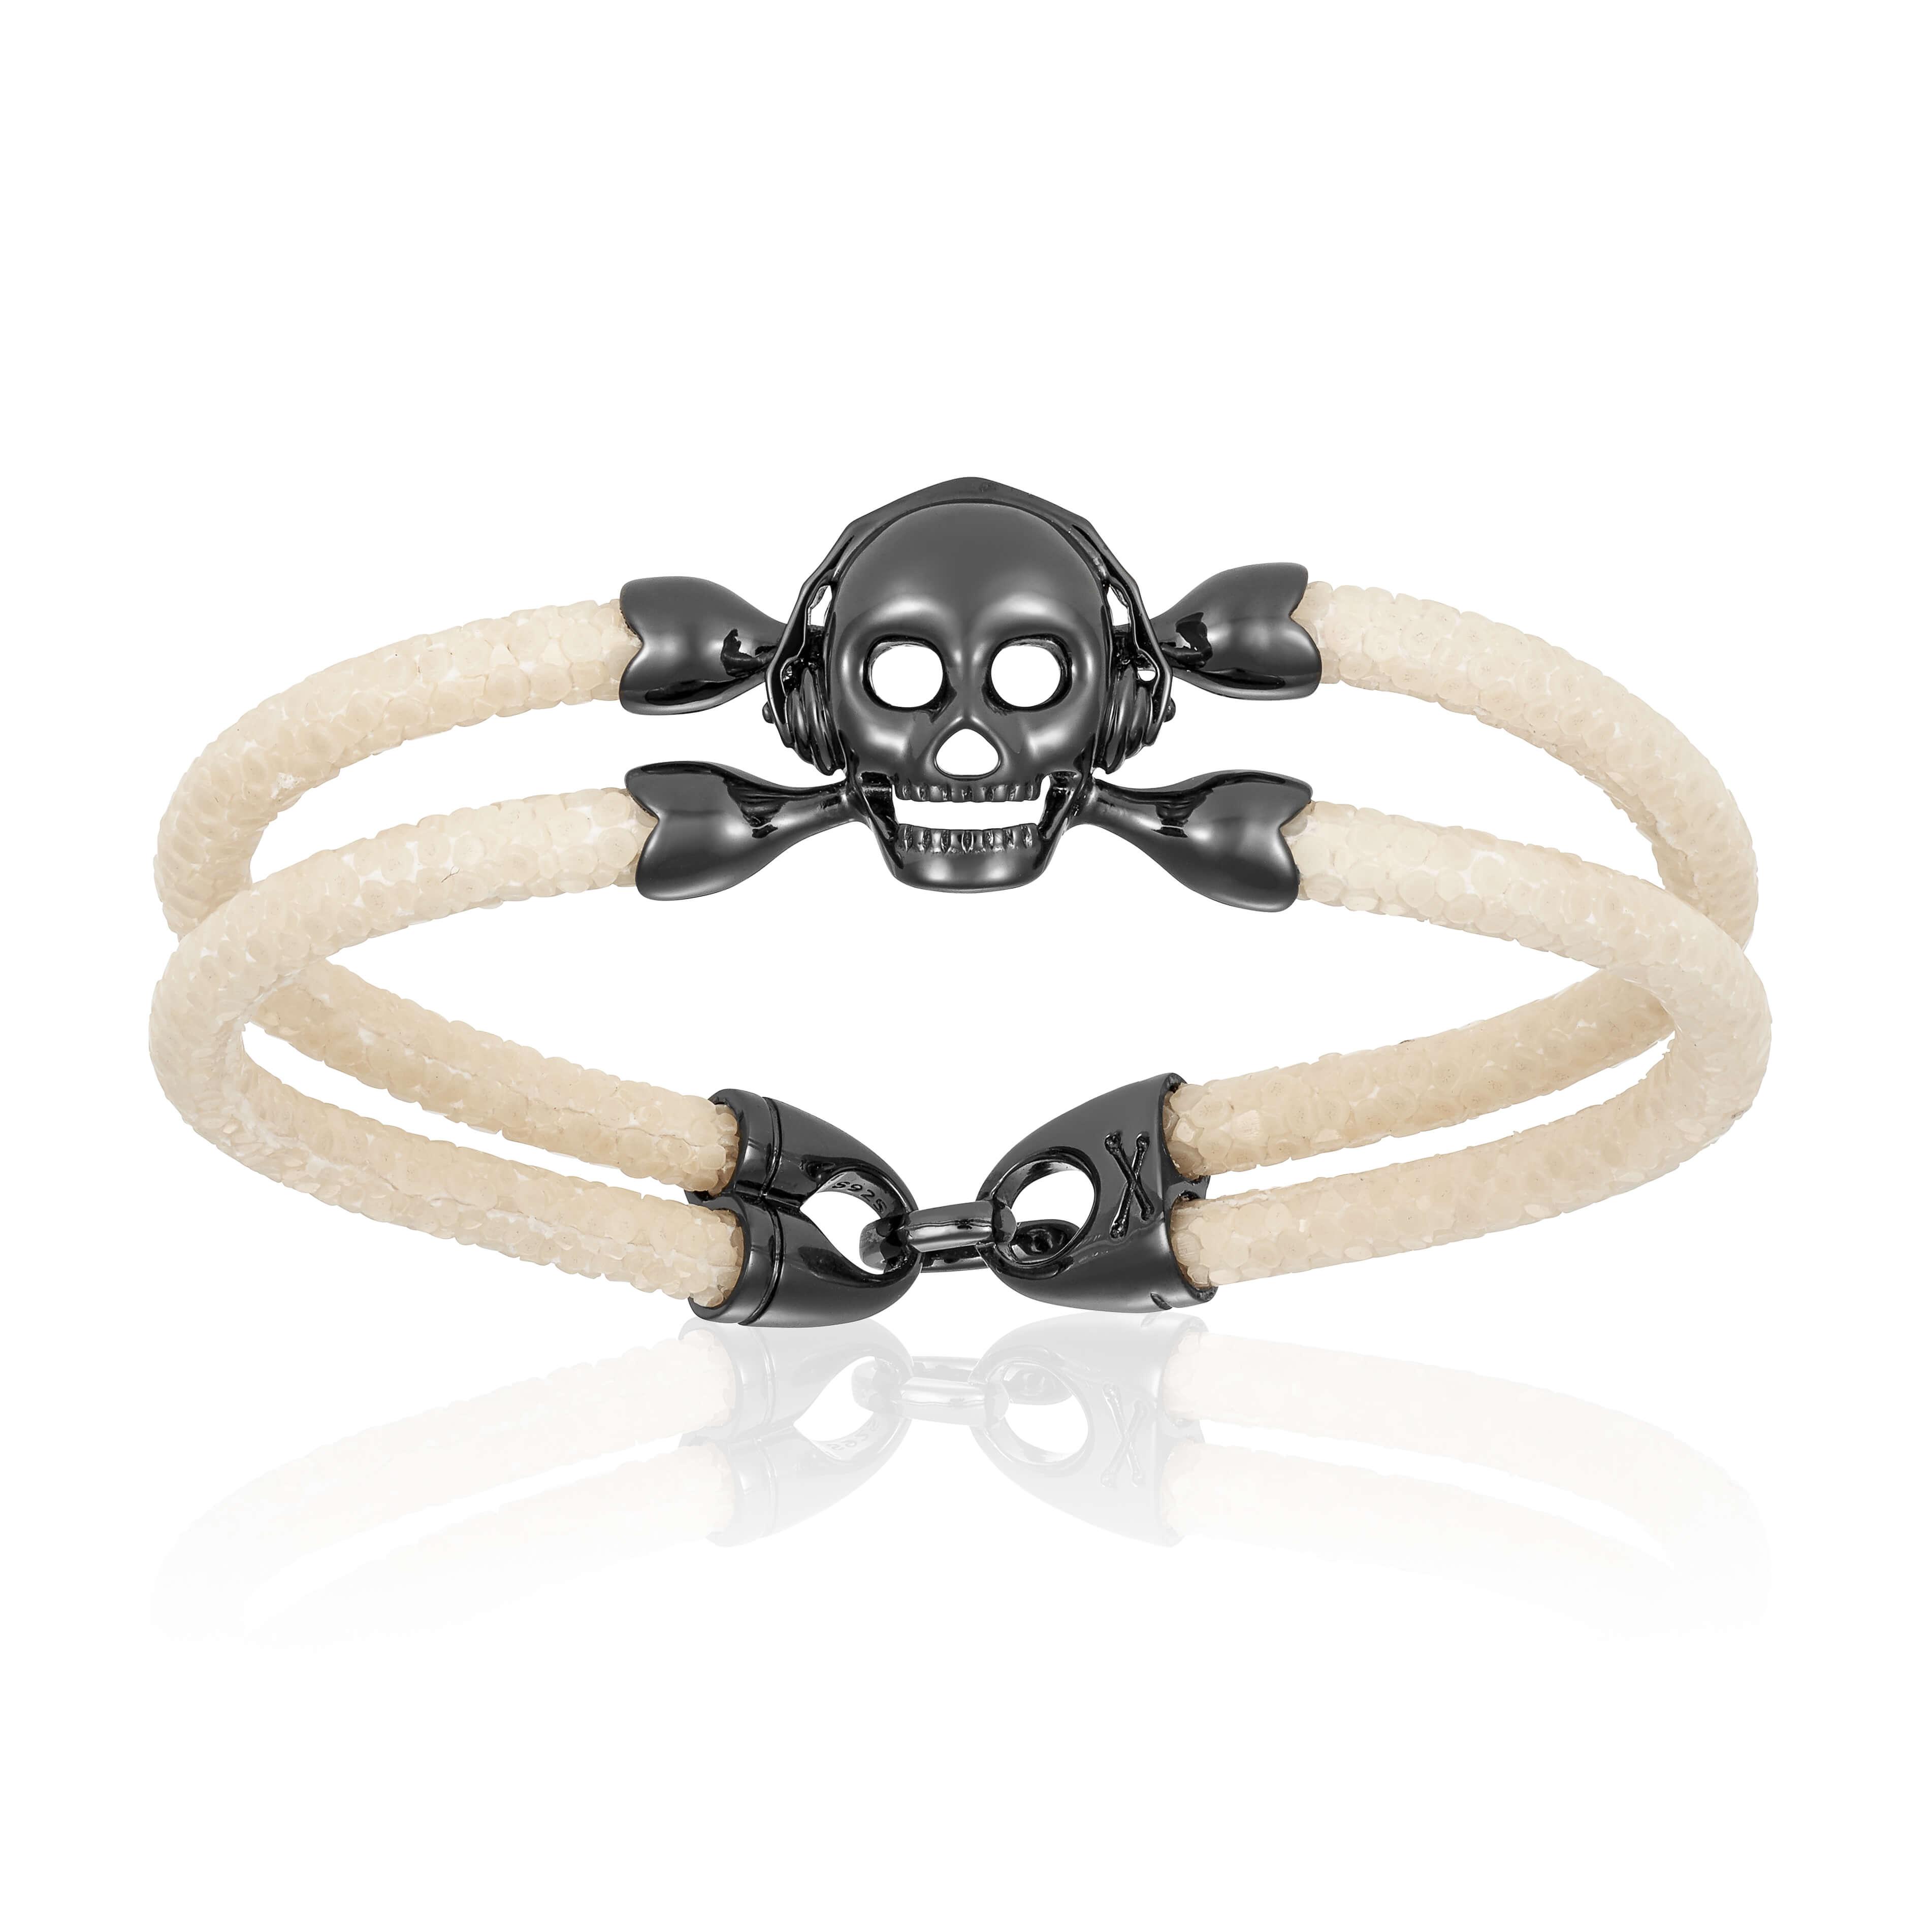 White stingray bracelet with black skull for man